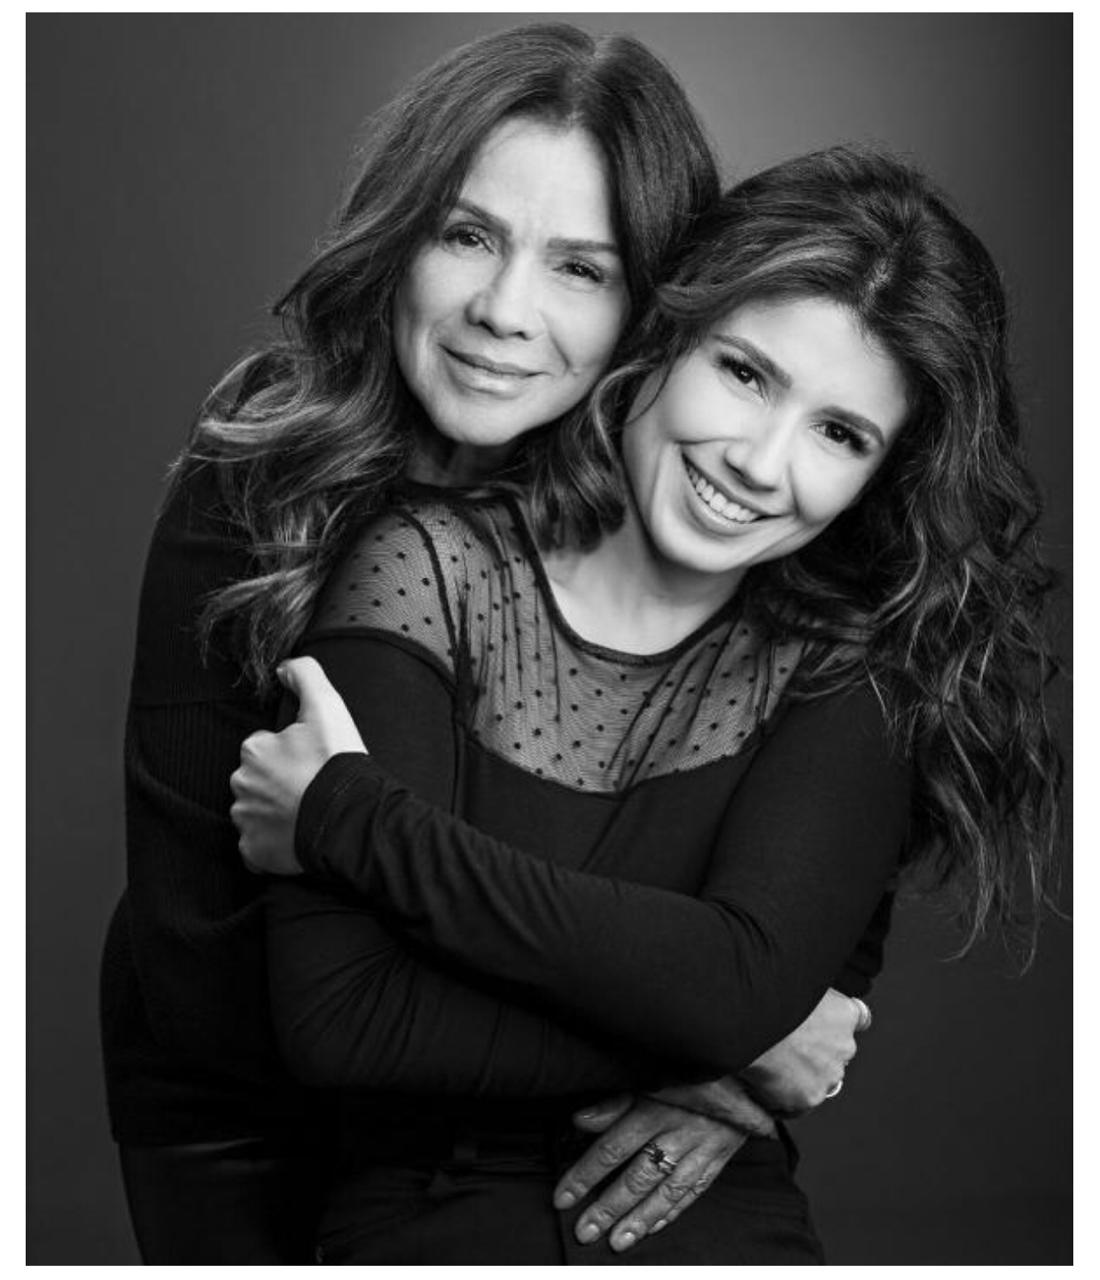 Em homenagem ao Dia das Mães, artistas fazem homenagem na web  - Imagem 1